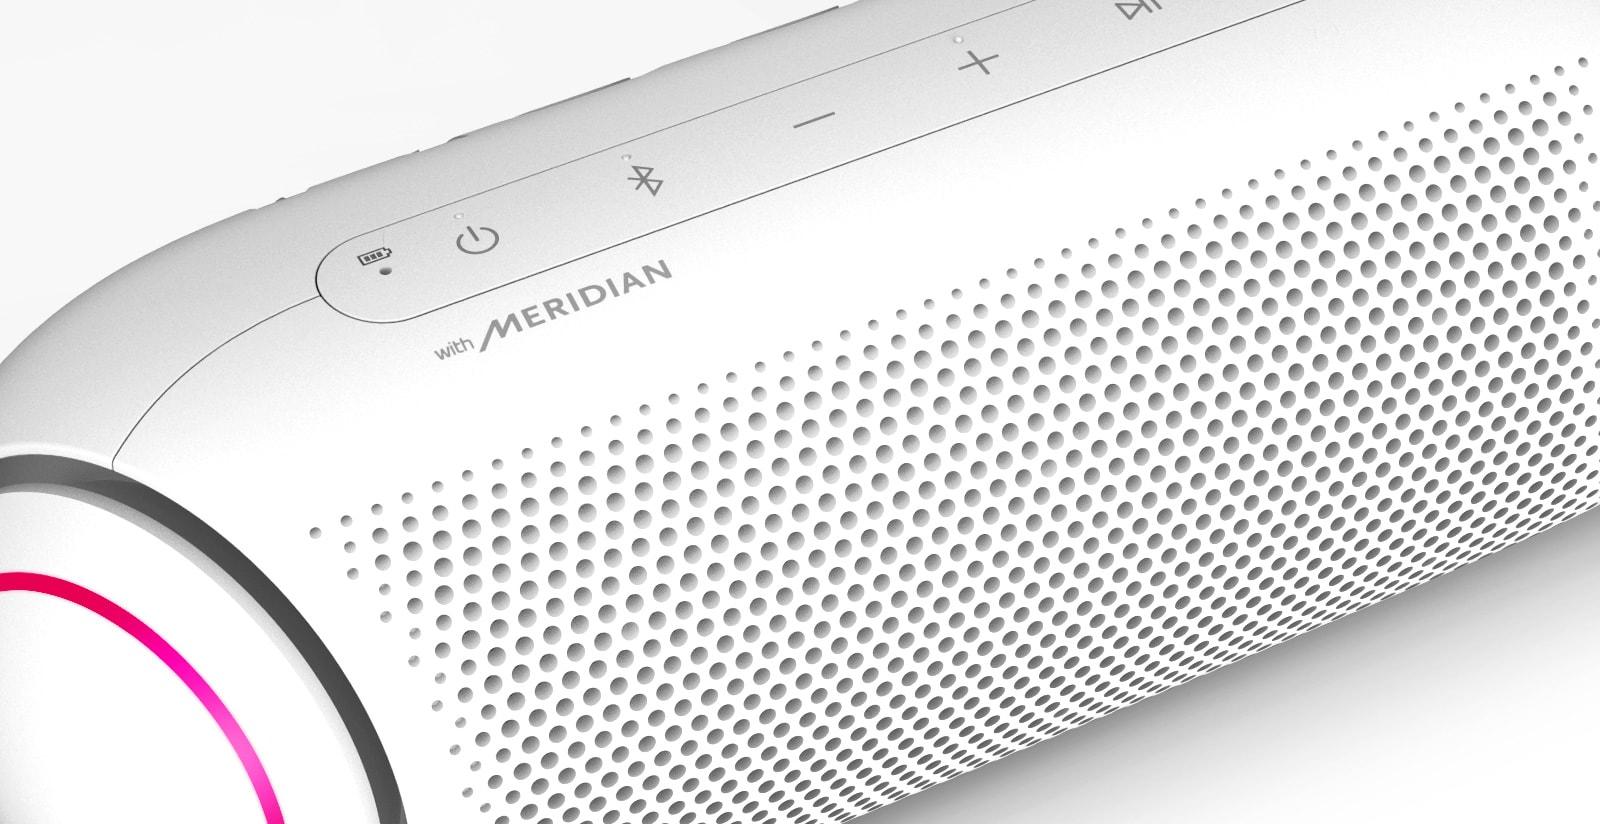 Ảnh cận cảnh logo Meridian trên loa LG XBOOM Go đang phát sáng đỏ tươi trên nền trắng.